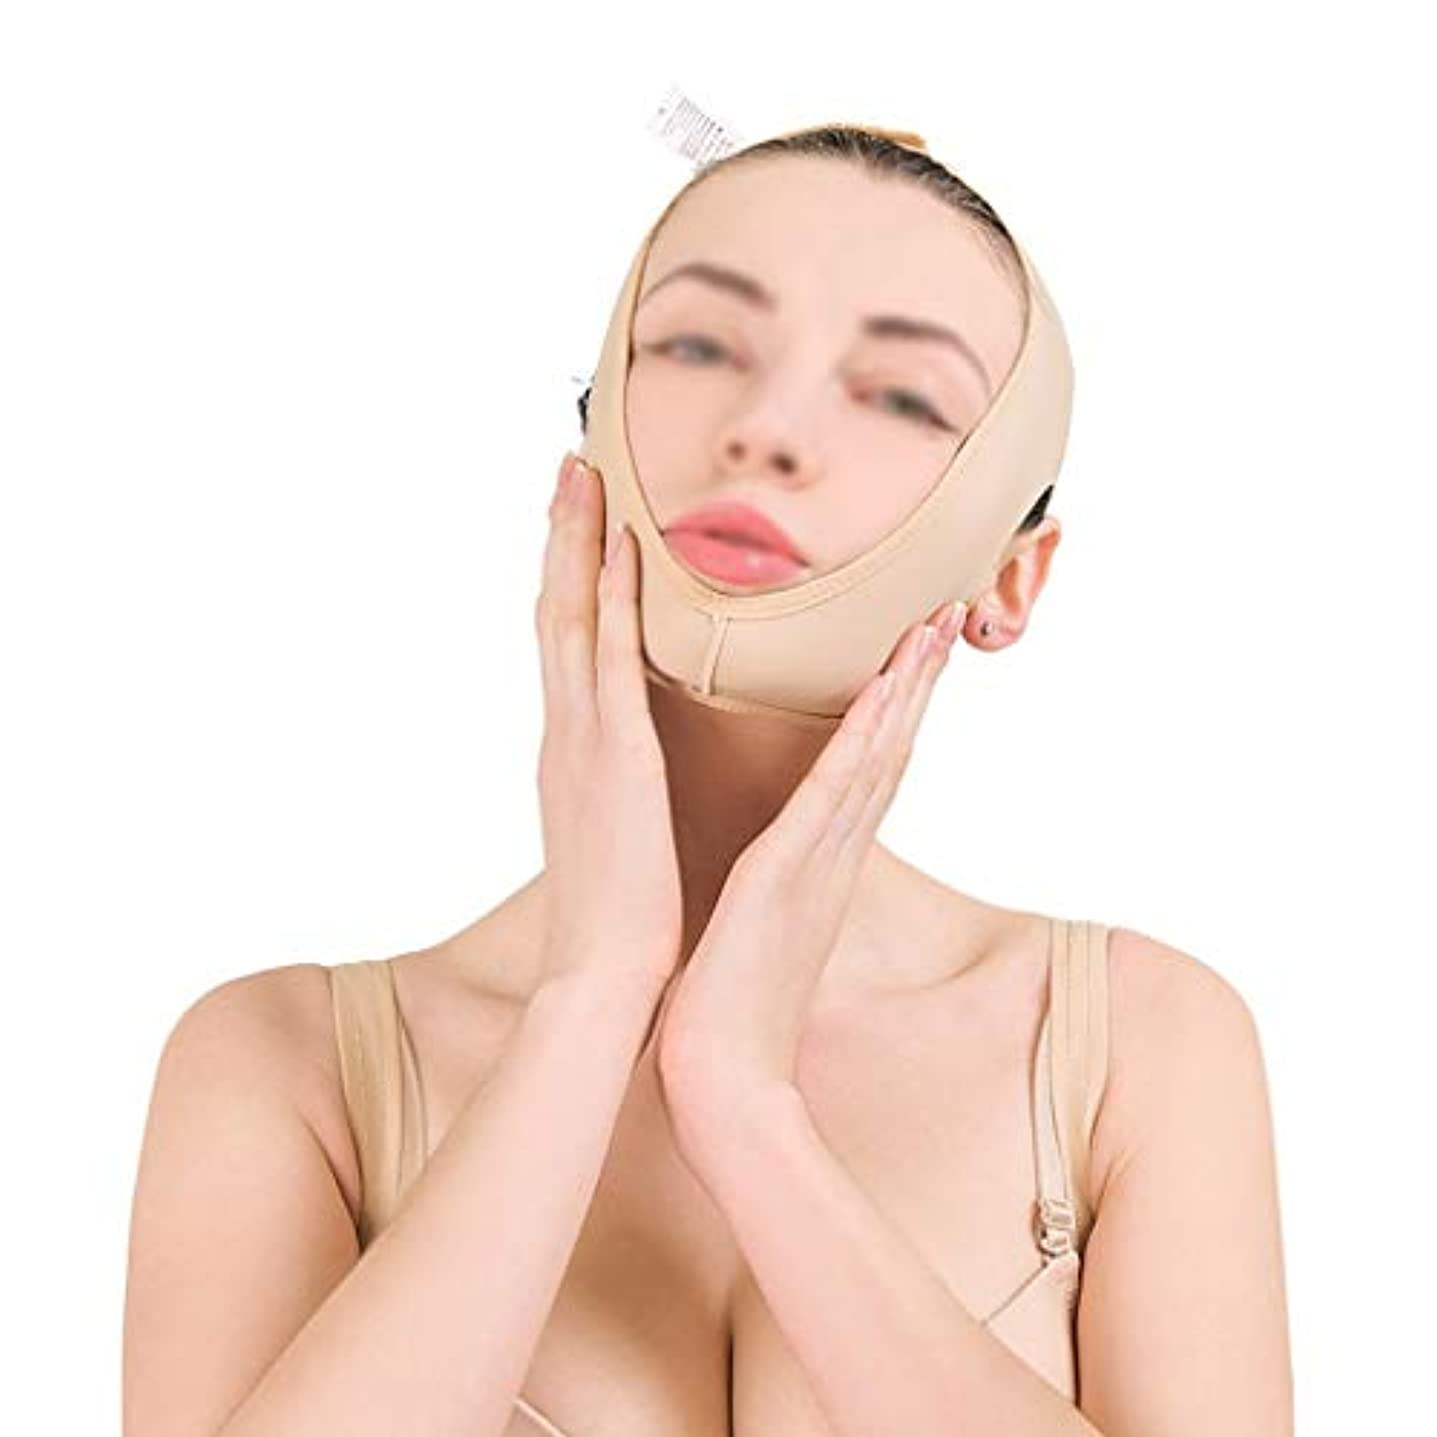 製品登録する連想XHLMRMJ マスクの減量、肌の包帯を引き締めるフェイスバンドを持ち上げる、フェイスリフティング、二重あごの美容包帯、フェイスリフト (Size : S)